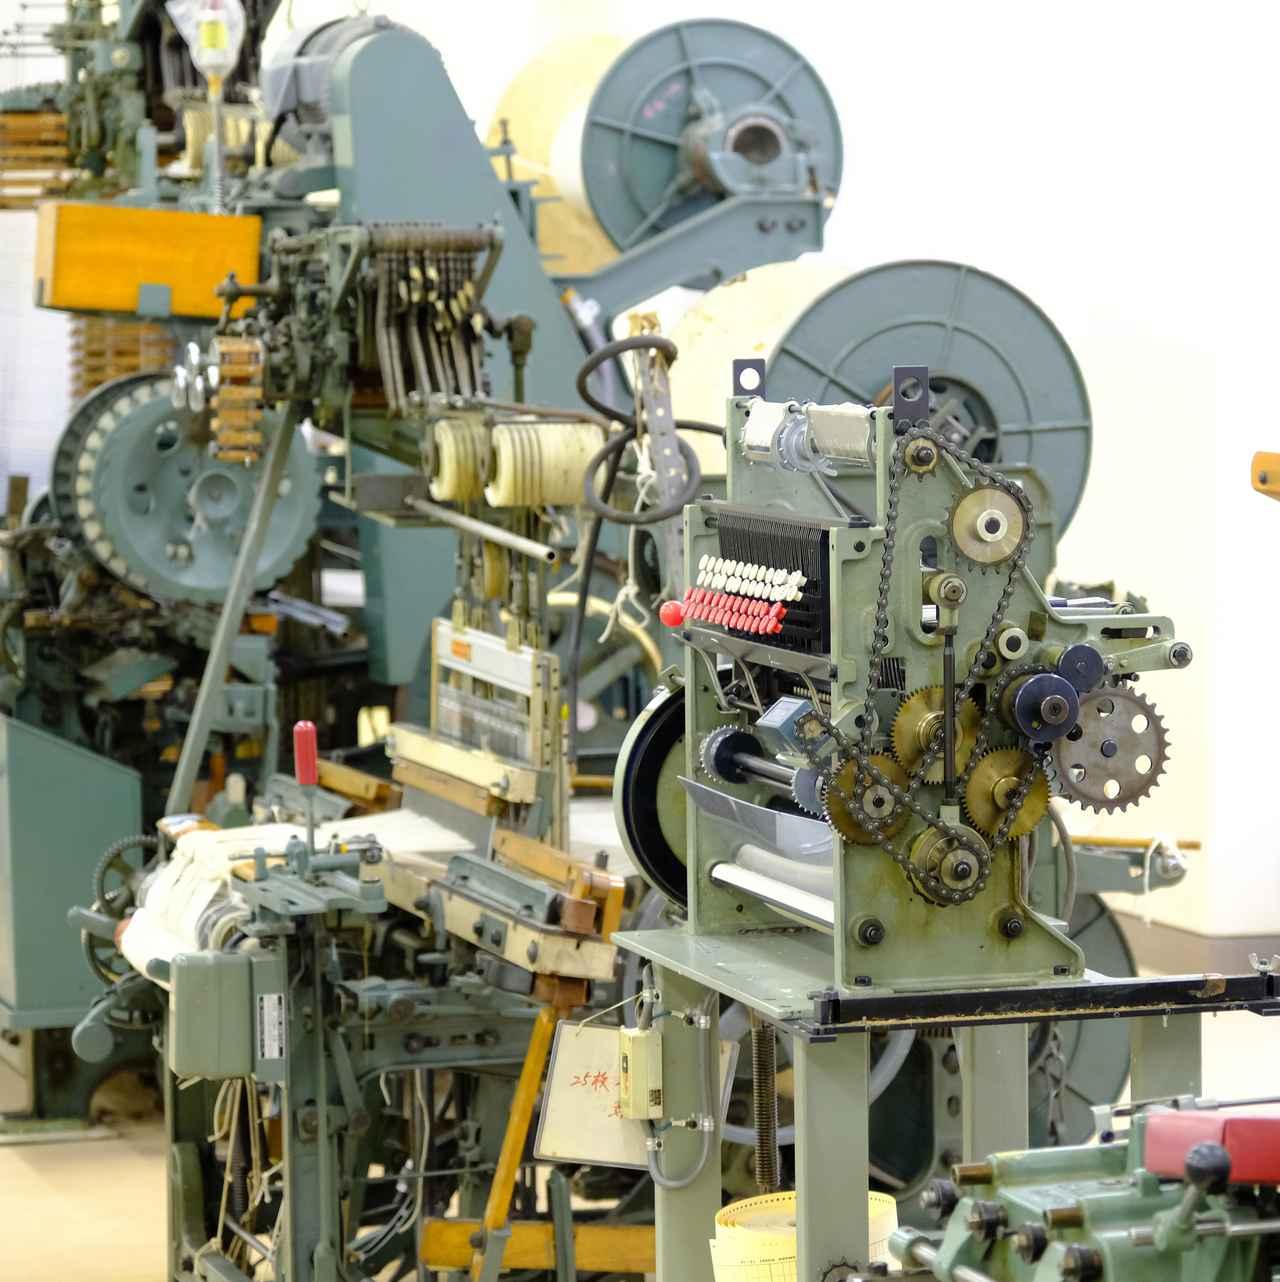 画像: 昔から使われてきたタオル織機を見ることもできました。日本にはなかったタオル織機を開発したのも泉州です。